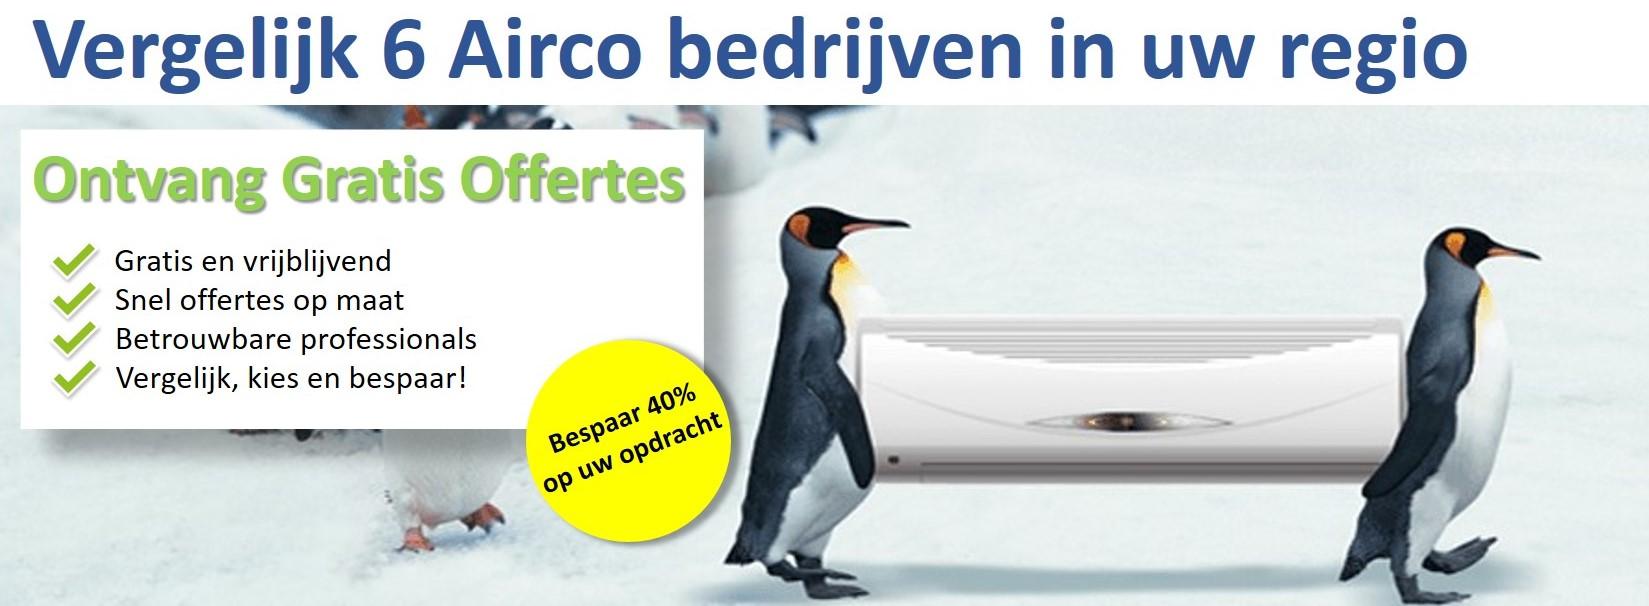 banner airco bedrijven